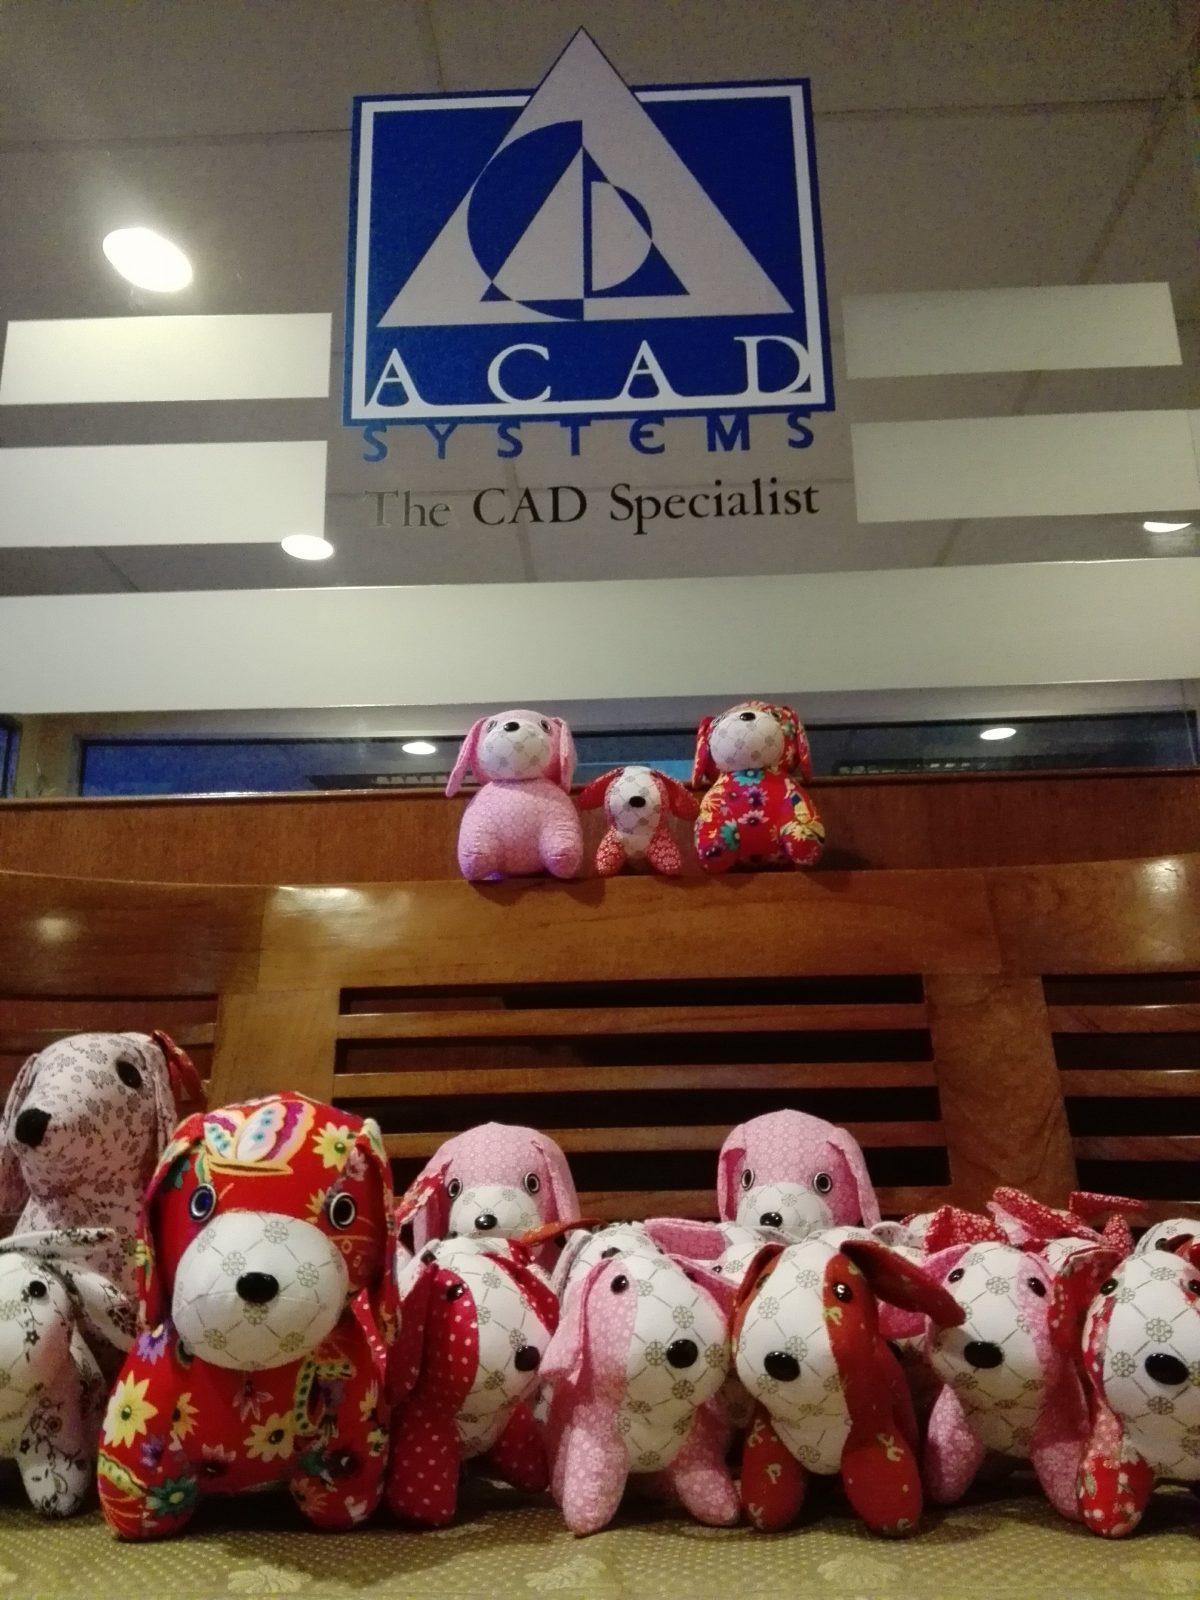 acad cny wang wang promo 2